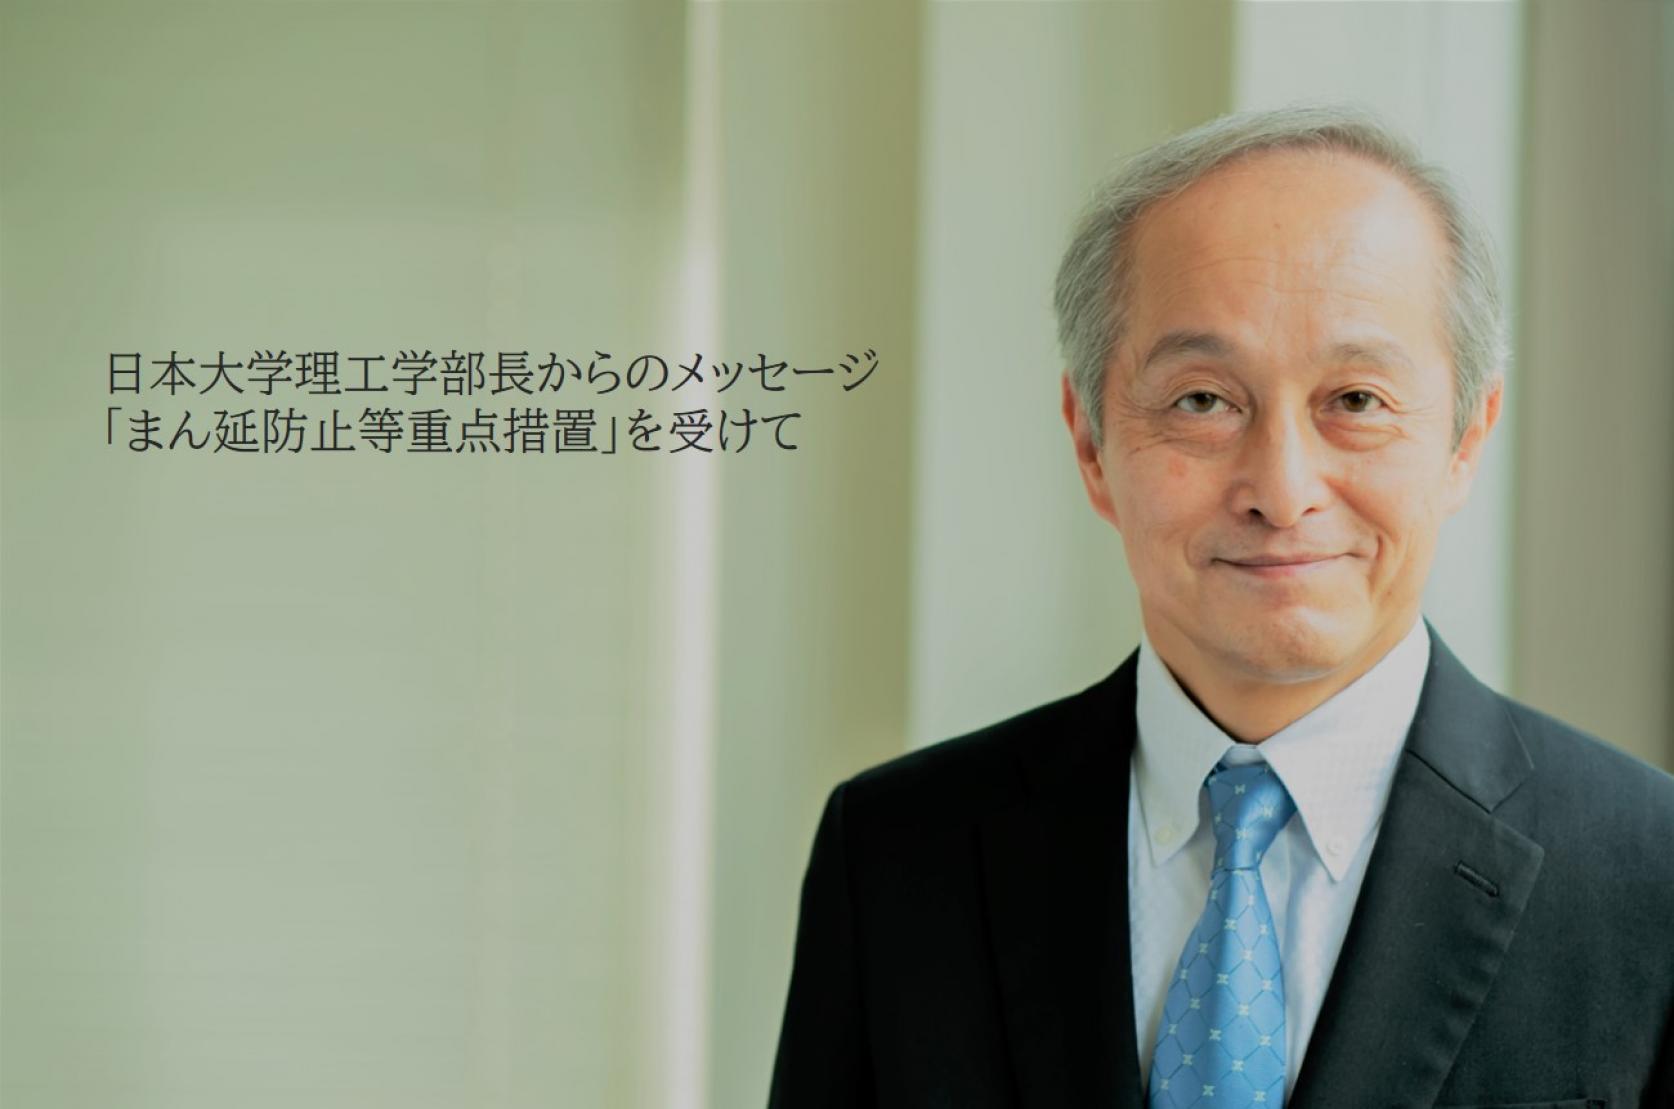 <日本大学理工学部長からのメッセージ>「まん延防止等重点措置」を受けて